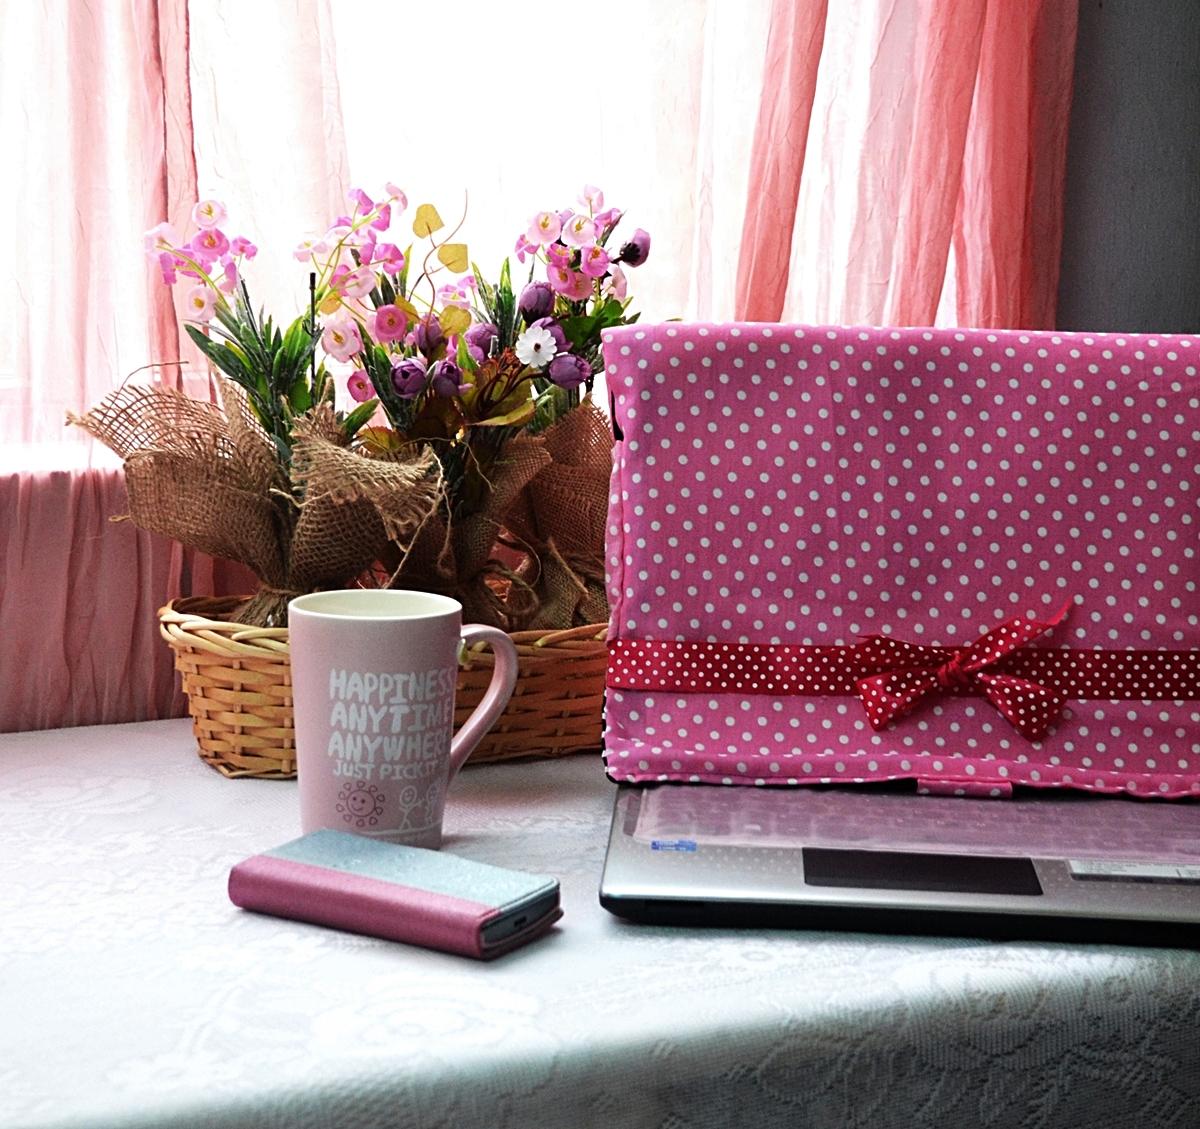 DIY Laptop Sleeves Sewing Tutorial